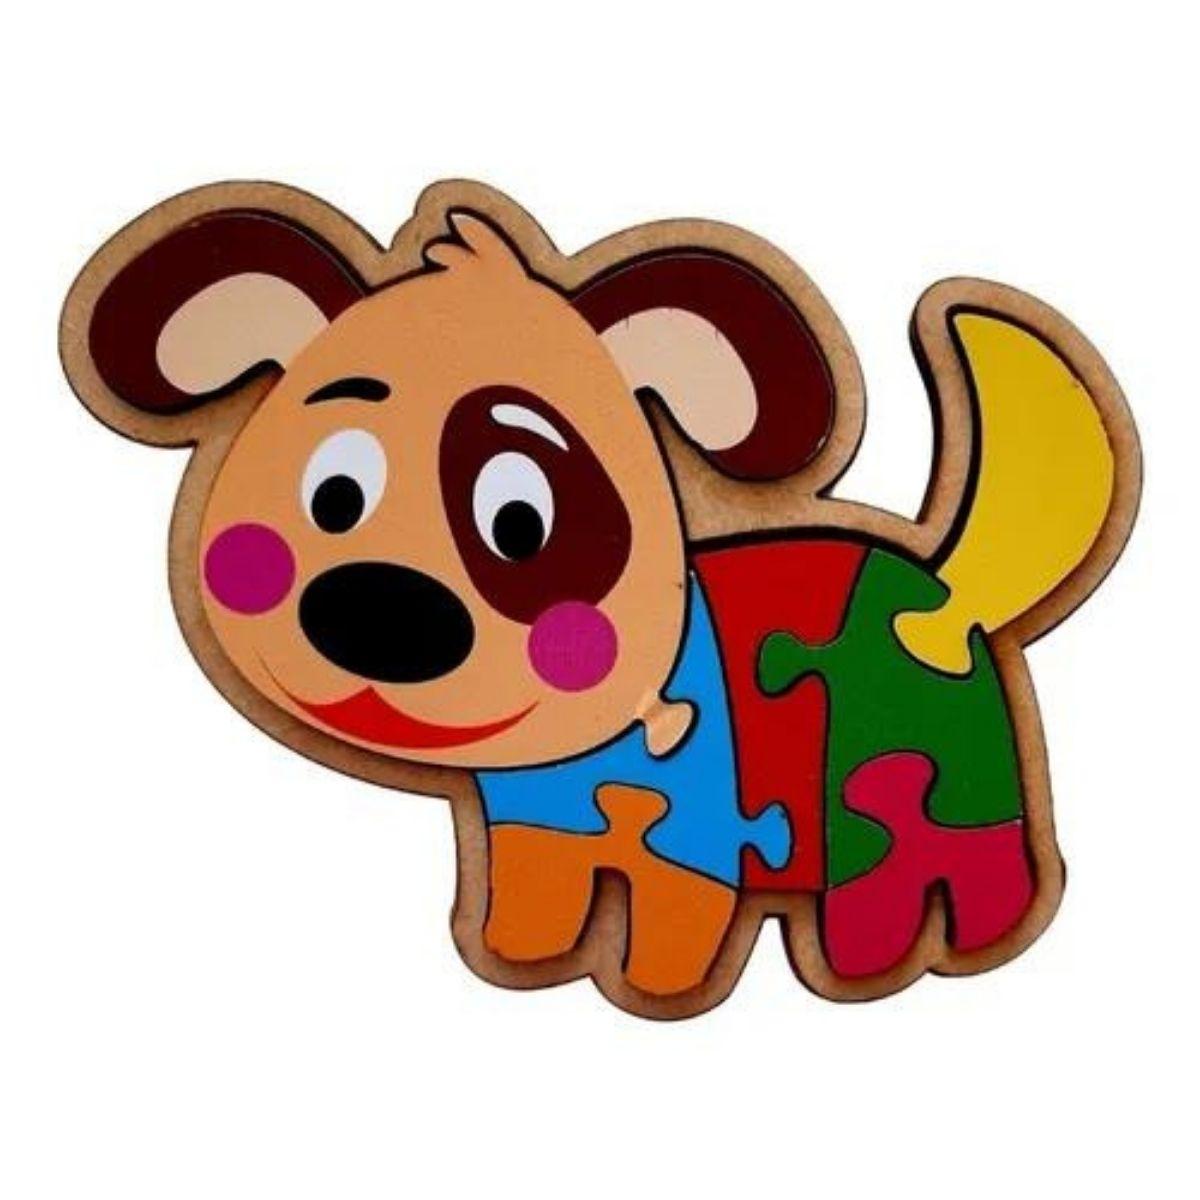 Kit Brinquedo Educativo Animais  Quebra-cabeça Infantil 4 Pcs